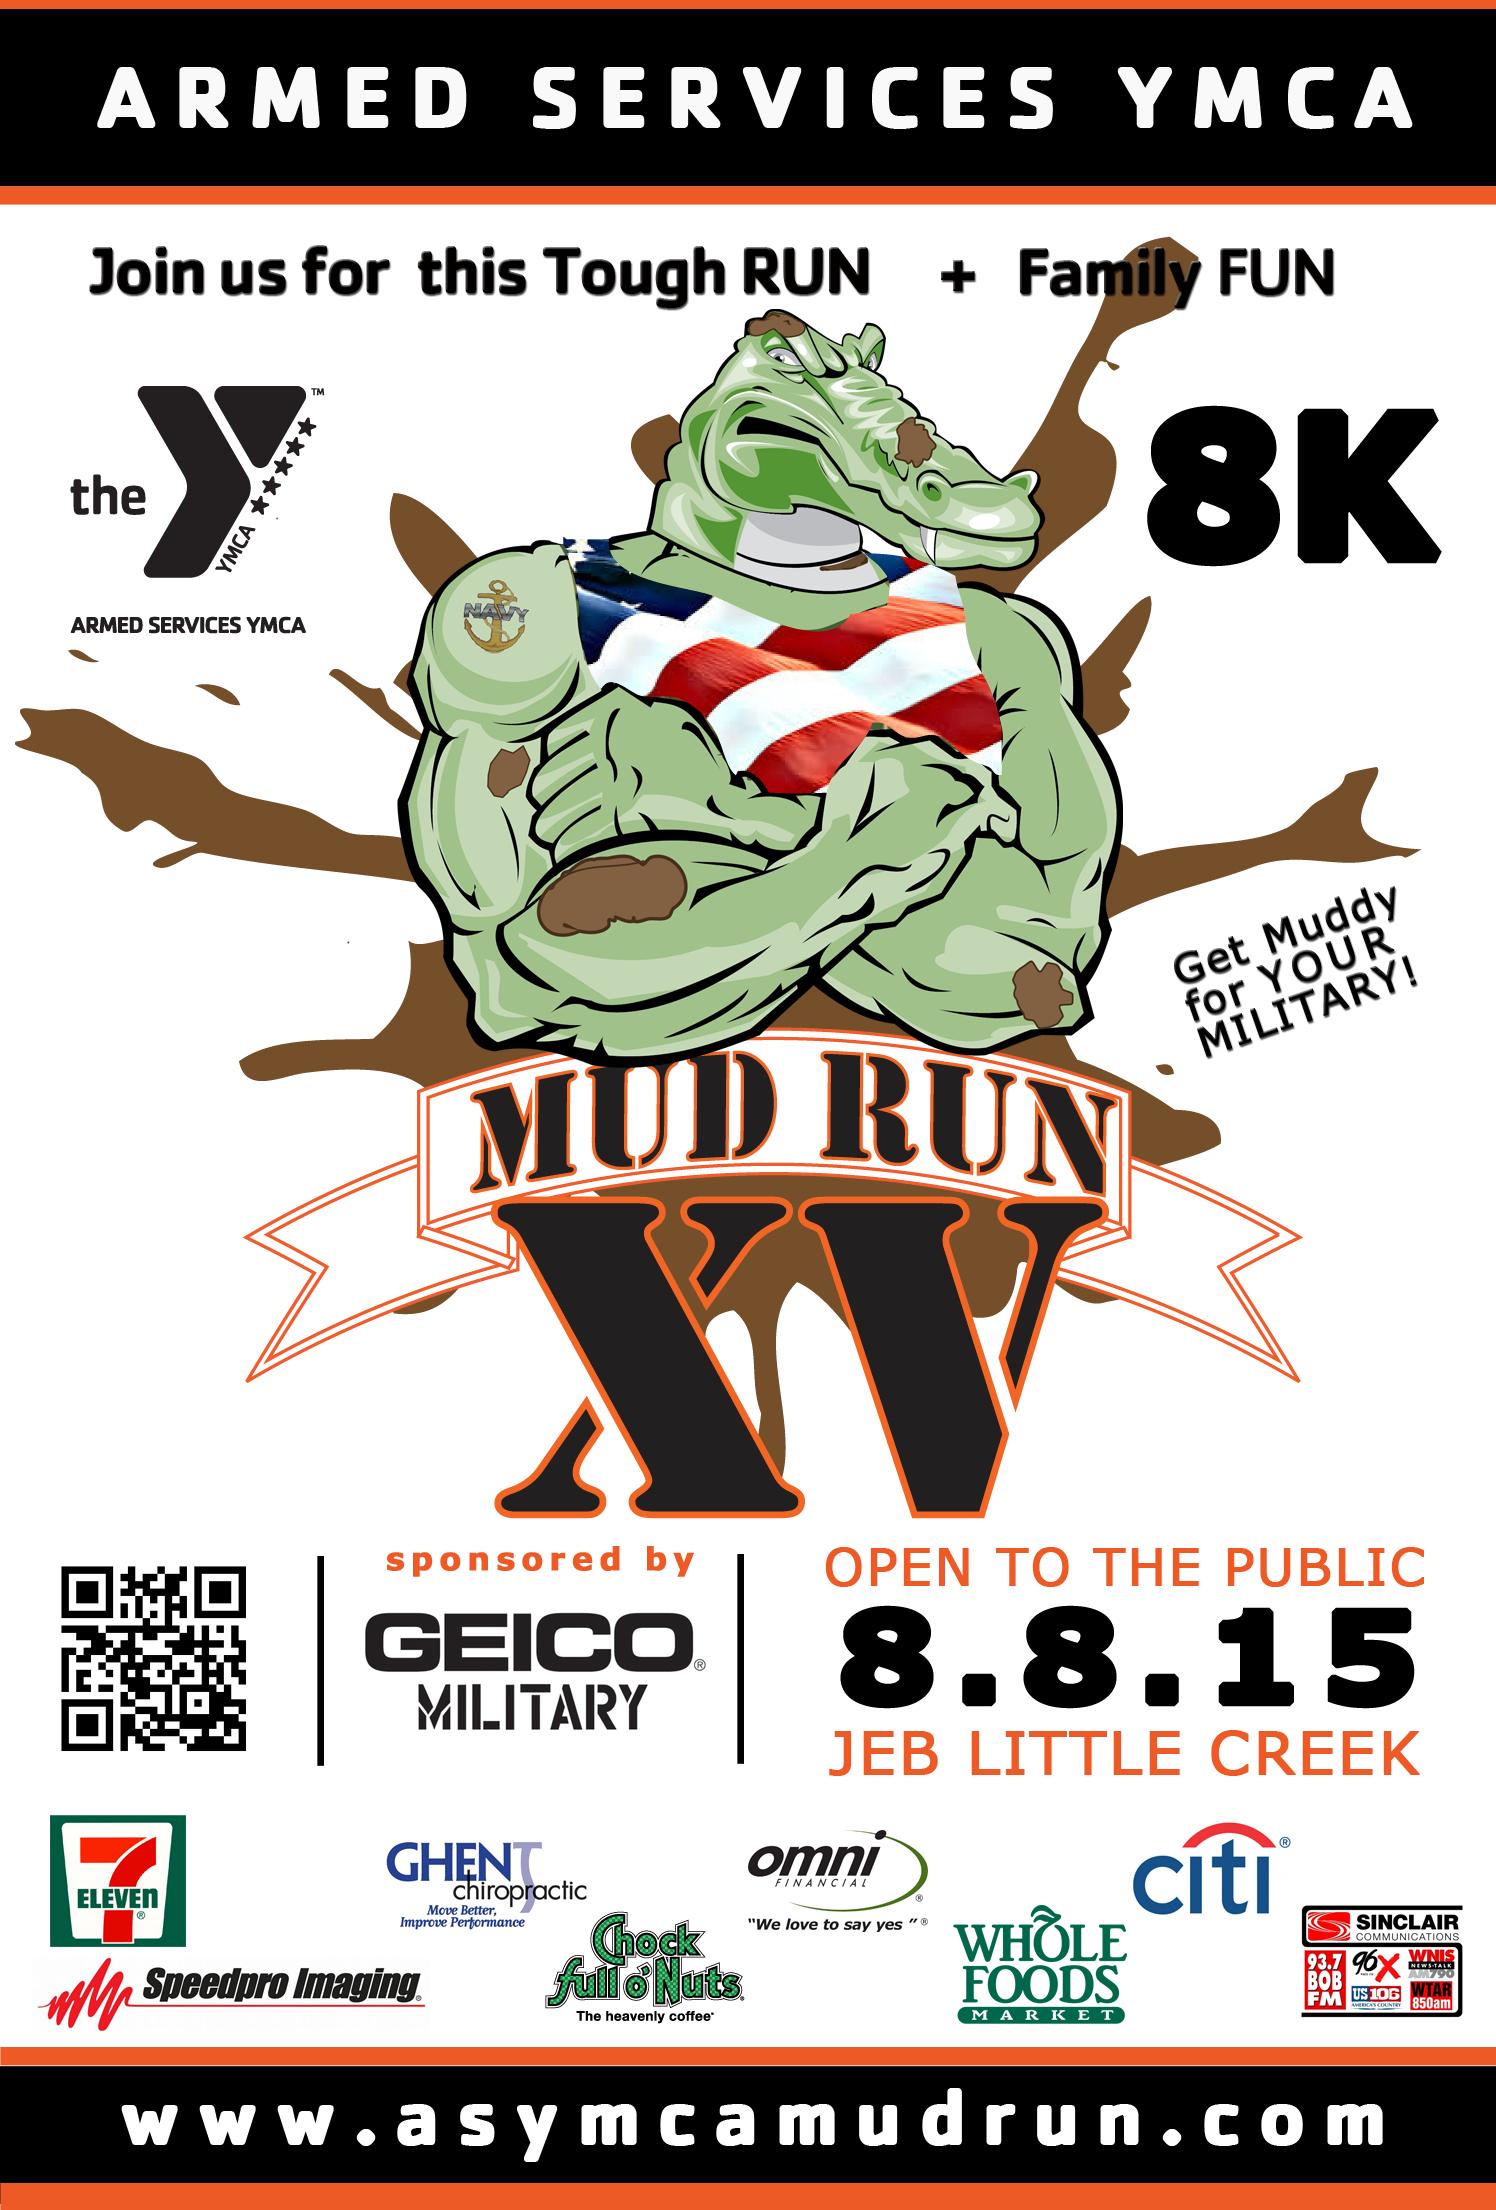 15th Annual ASYMCA Mud Run